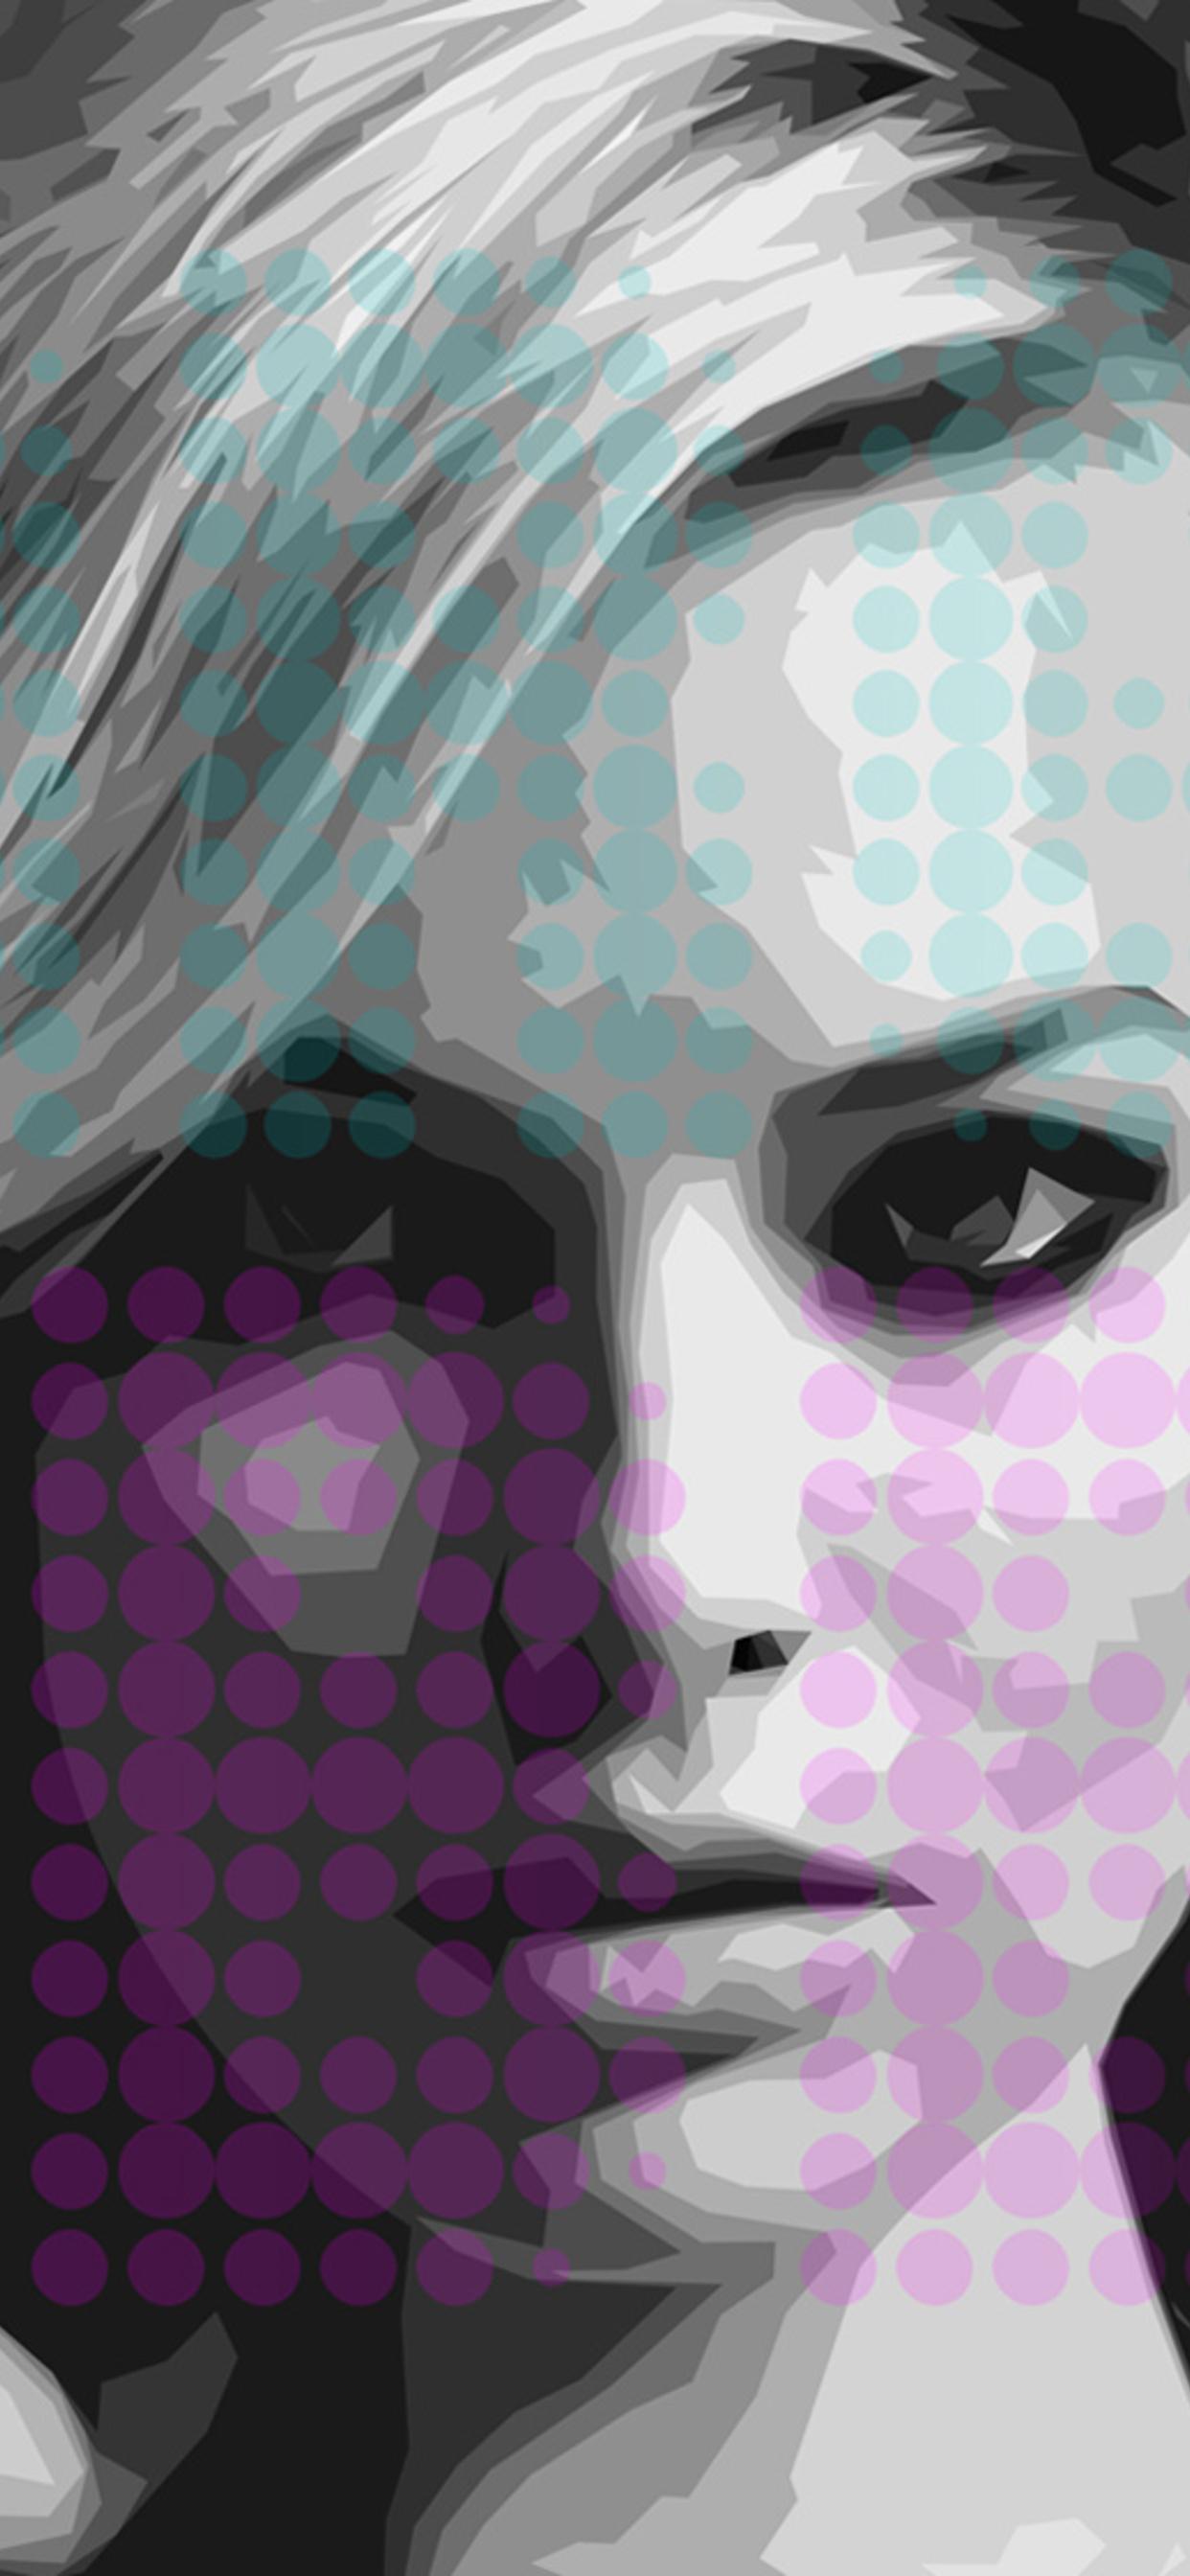 margot-robbie-artwork-9t.jpg